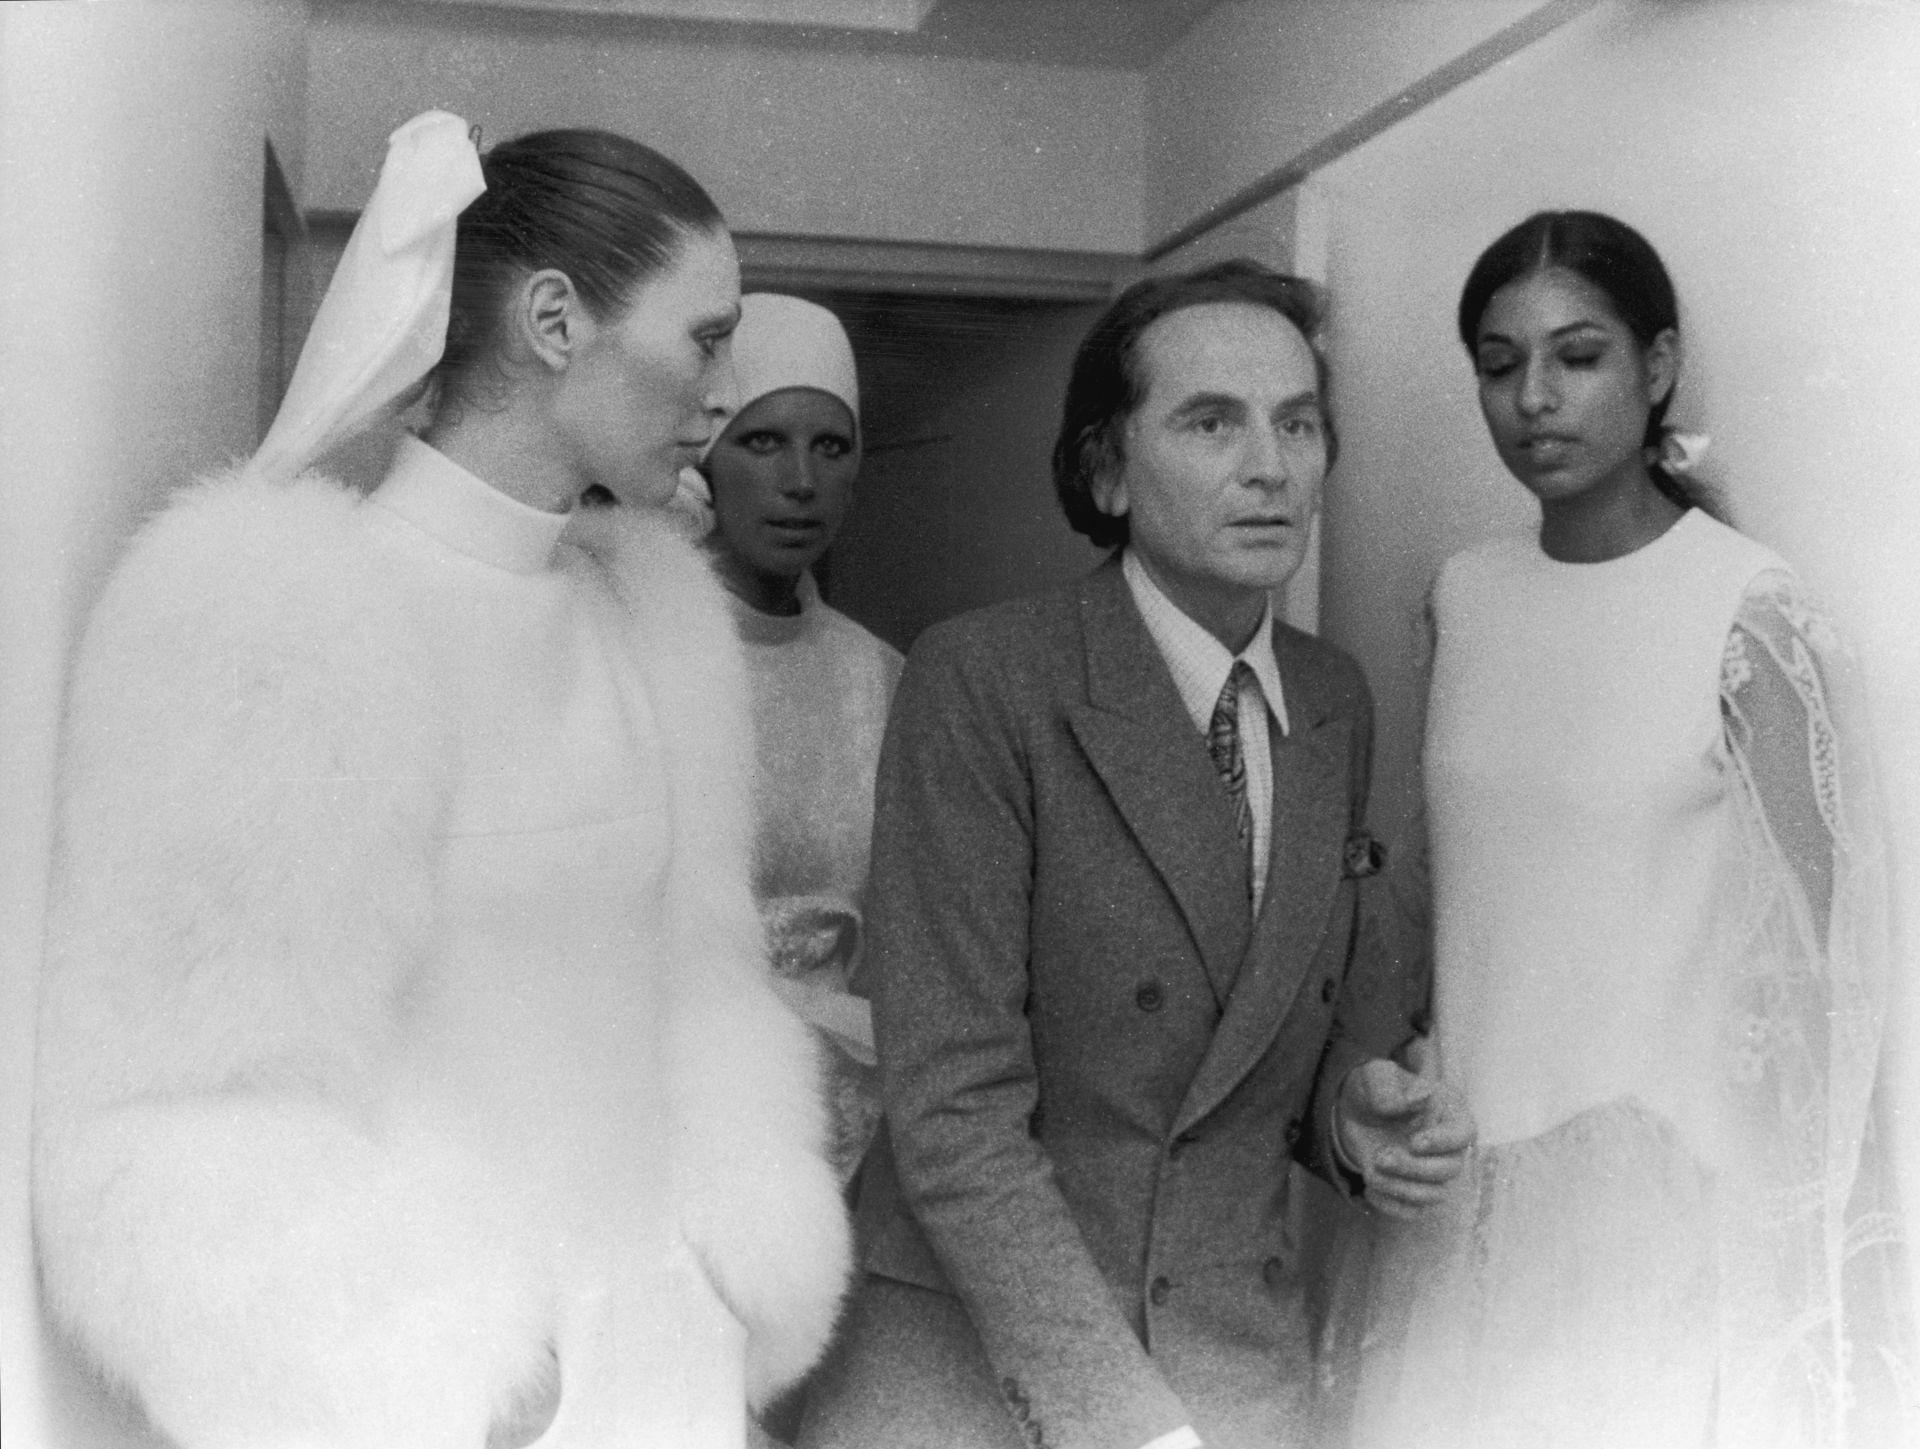 27 юли, 1971 г. Пиер Карден сред моделите си по време на ревю есен/зима